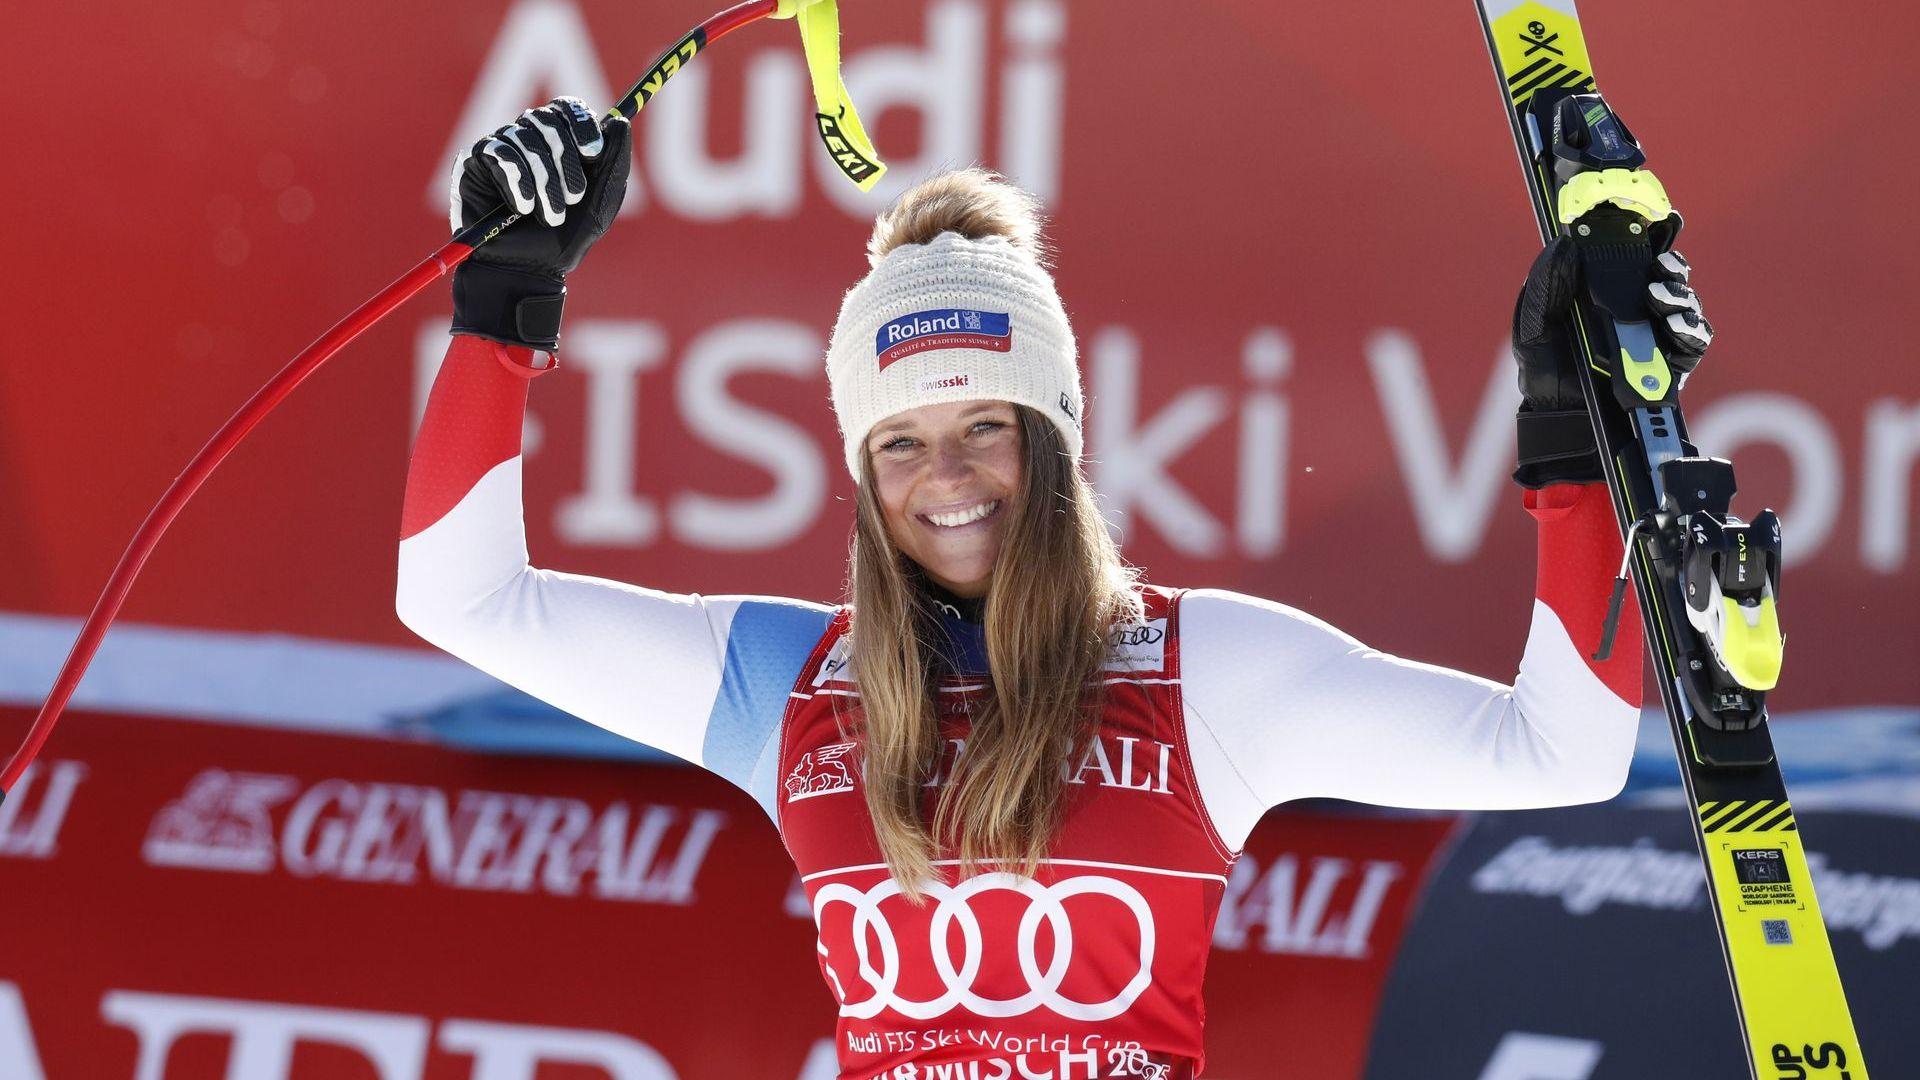 Швейцарка с първа победа на Супер Г в отсъствието на опечалената Шифрин